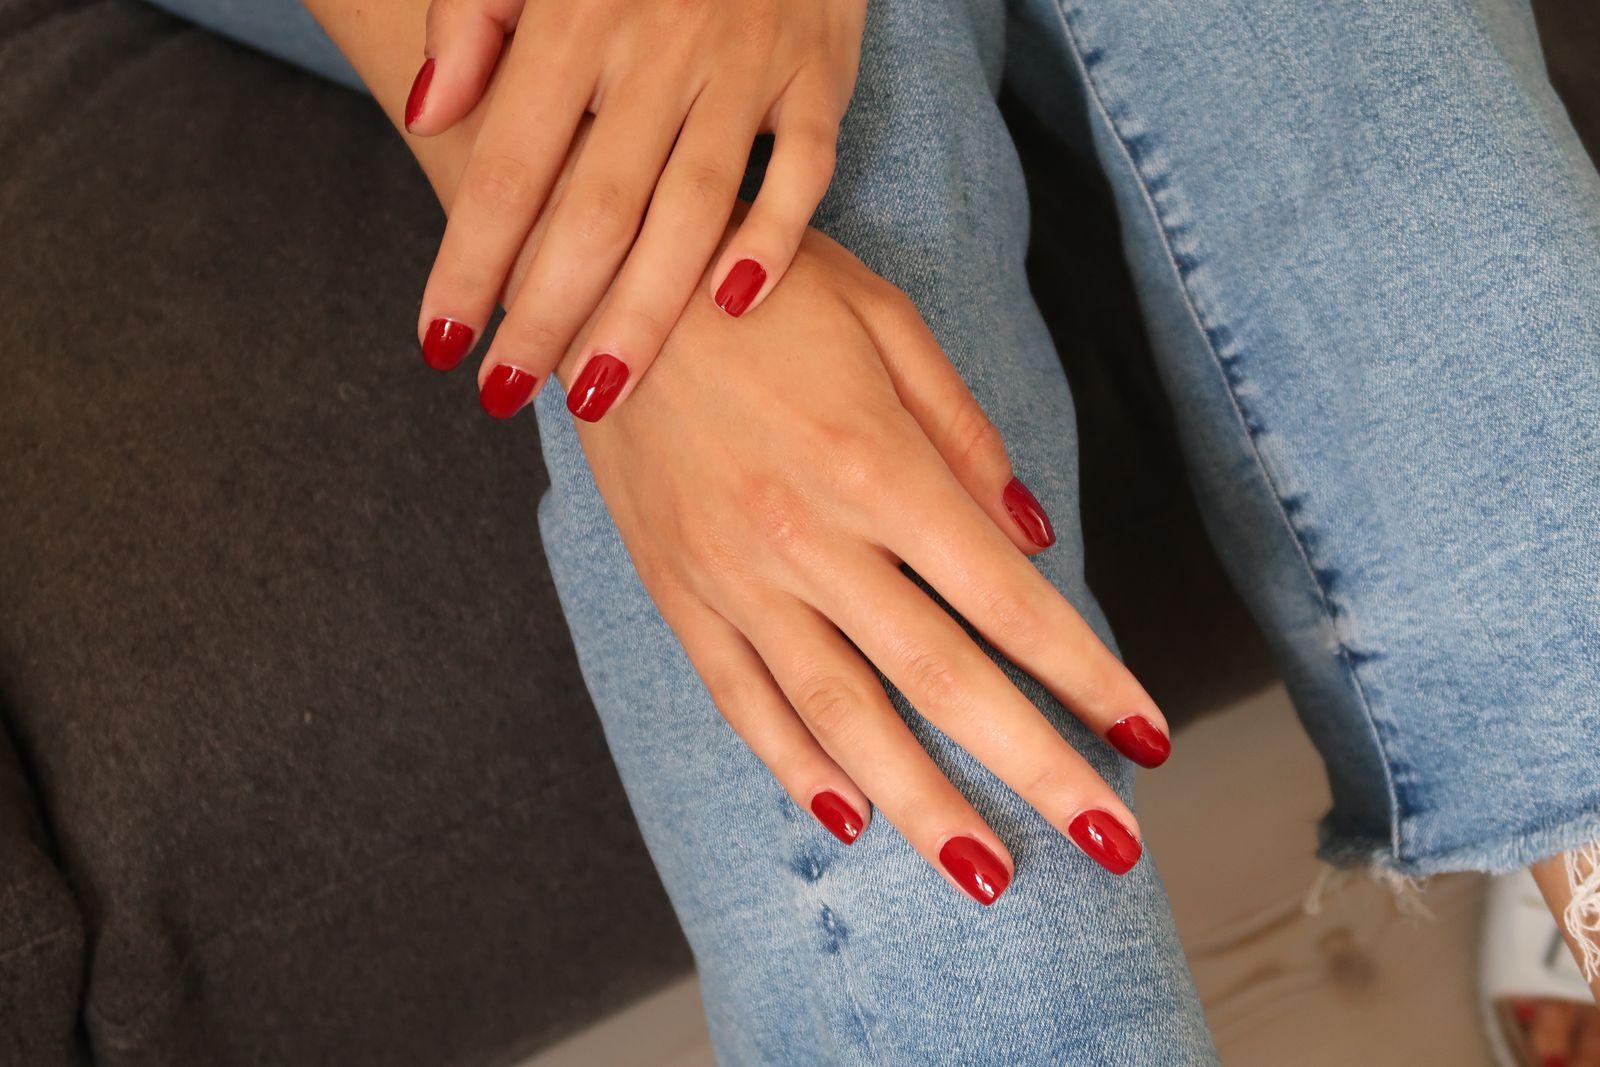 6 tips for long lasting Shellac nails | LeSalon